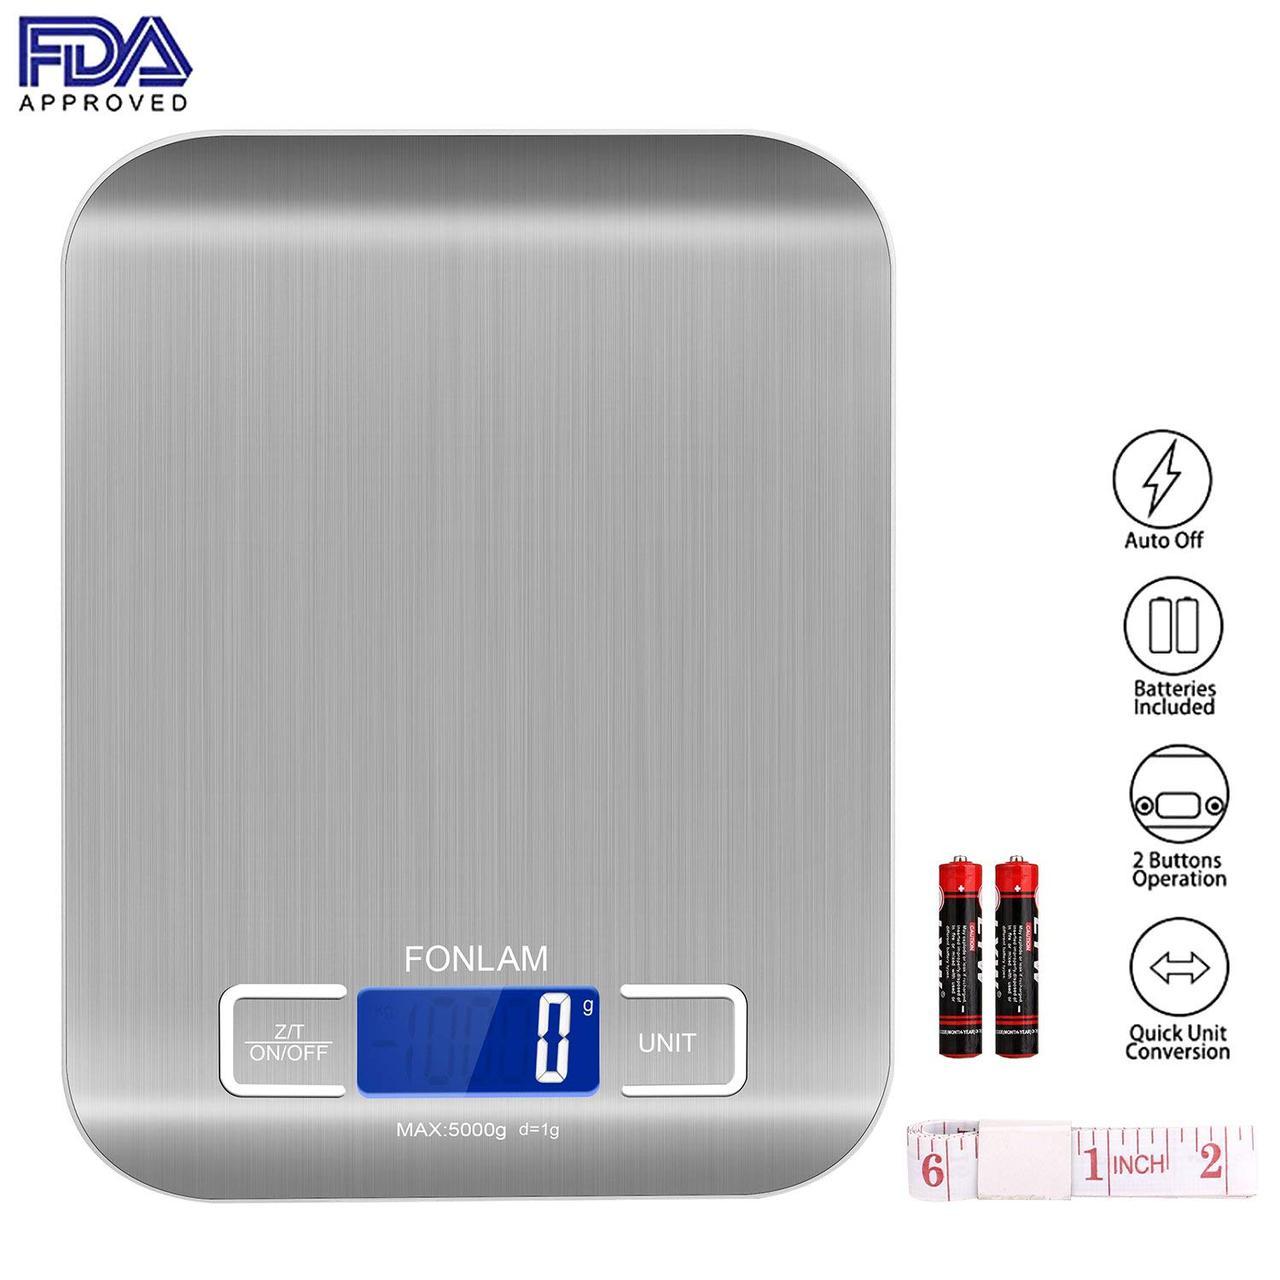 Кухонные цифровые весы FONLAM с металлическим корпусом